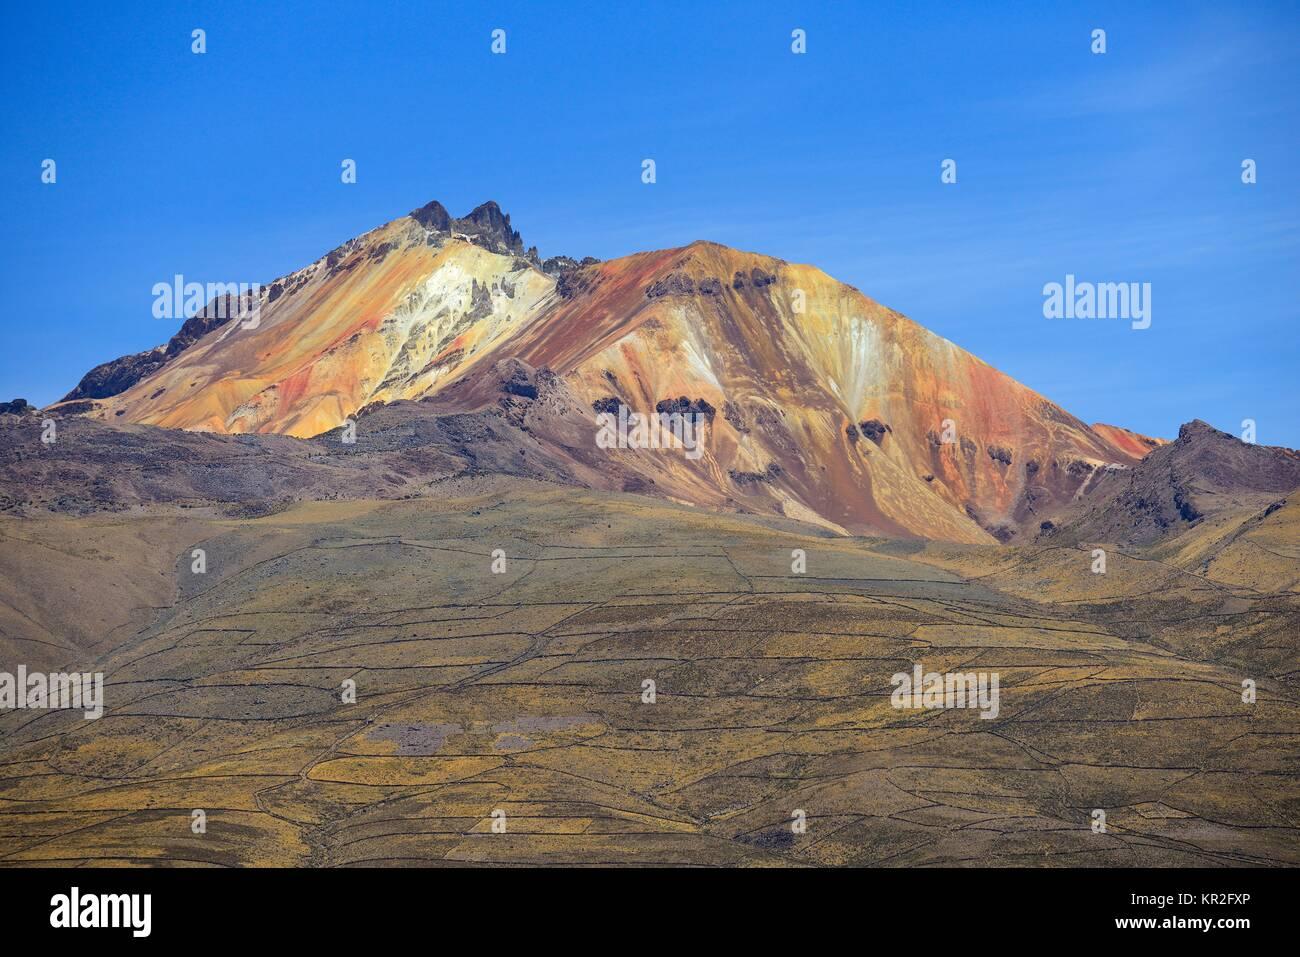 Volcano Cerro Tunupa, Salar de Uyuni, Uyuni, Potosi, Bolivia - Stock Image